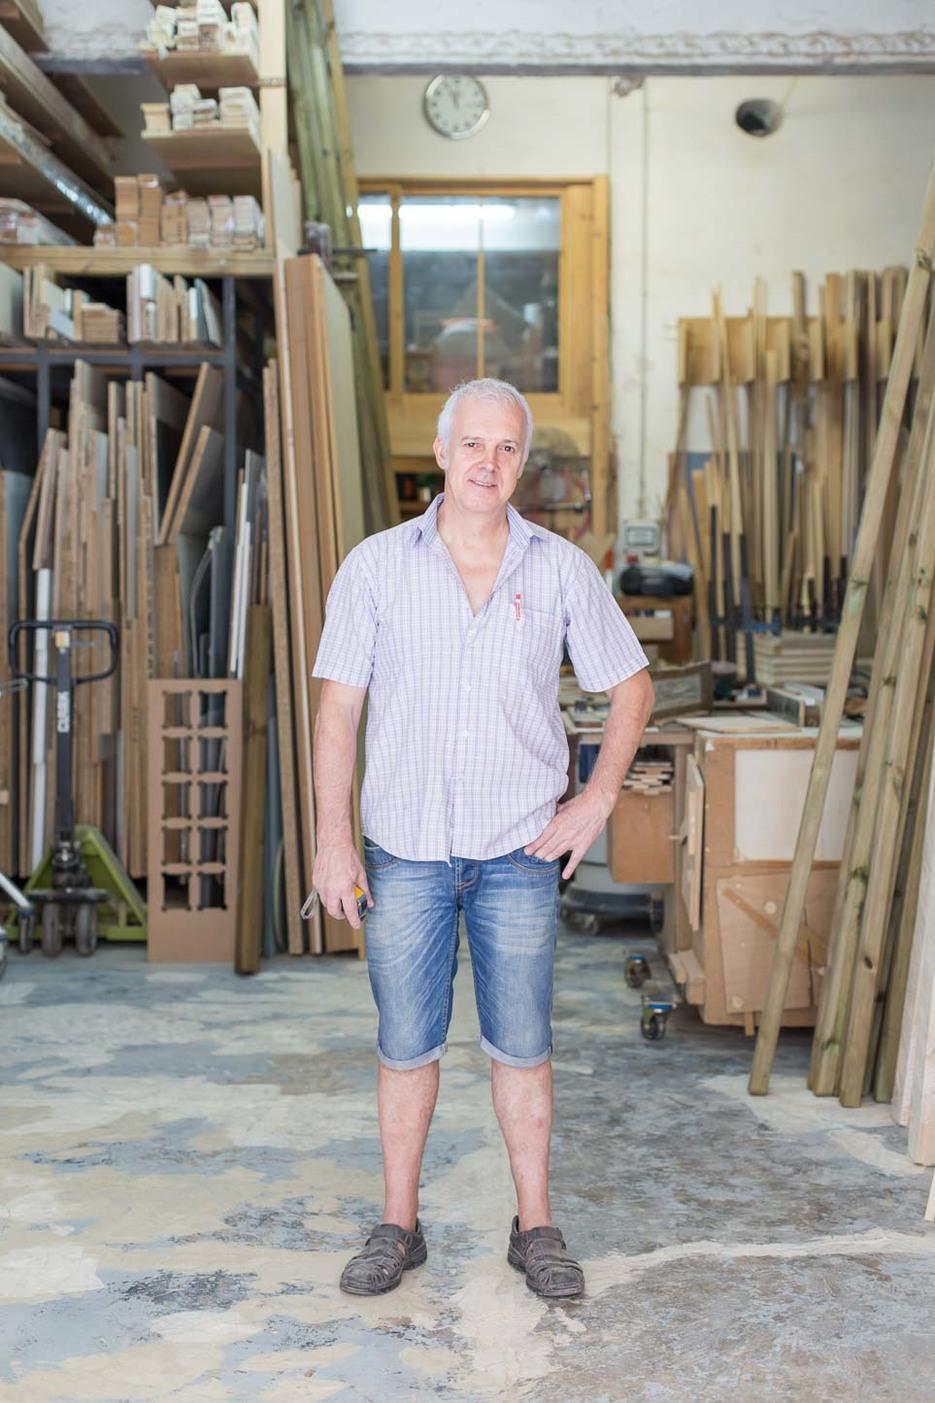 Sergi inside his workshop - Fustot Bel SL